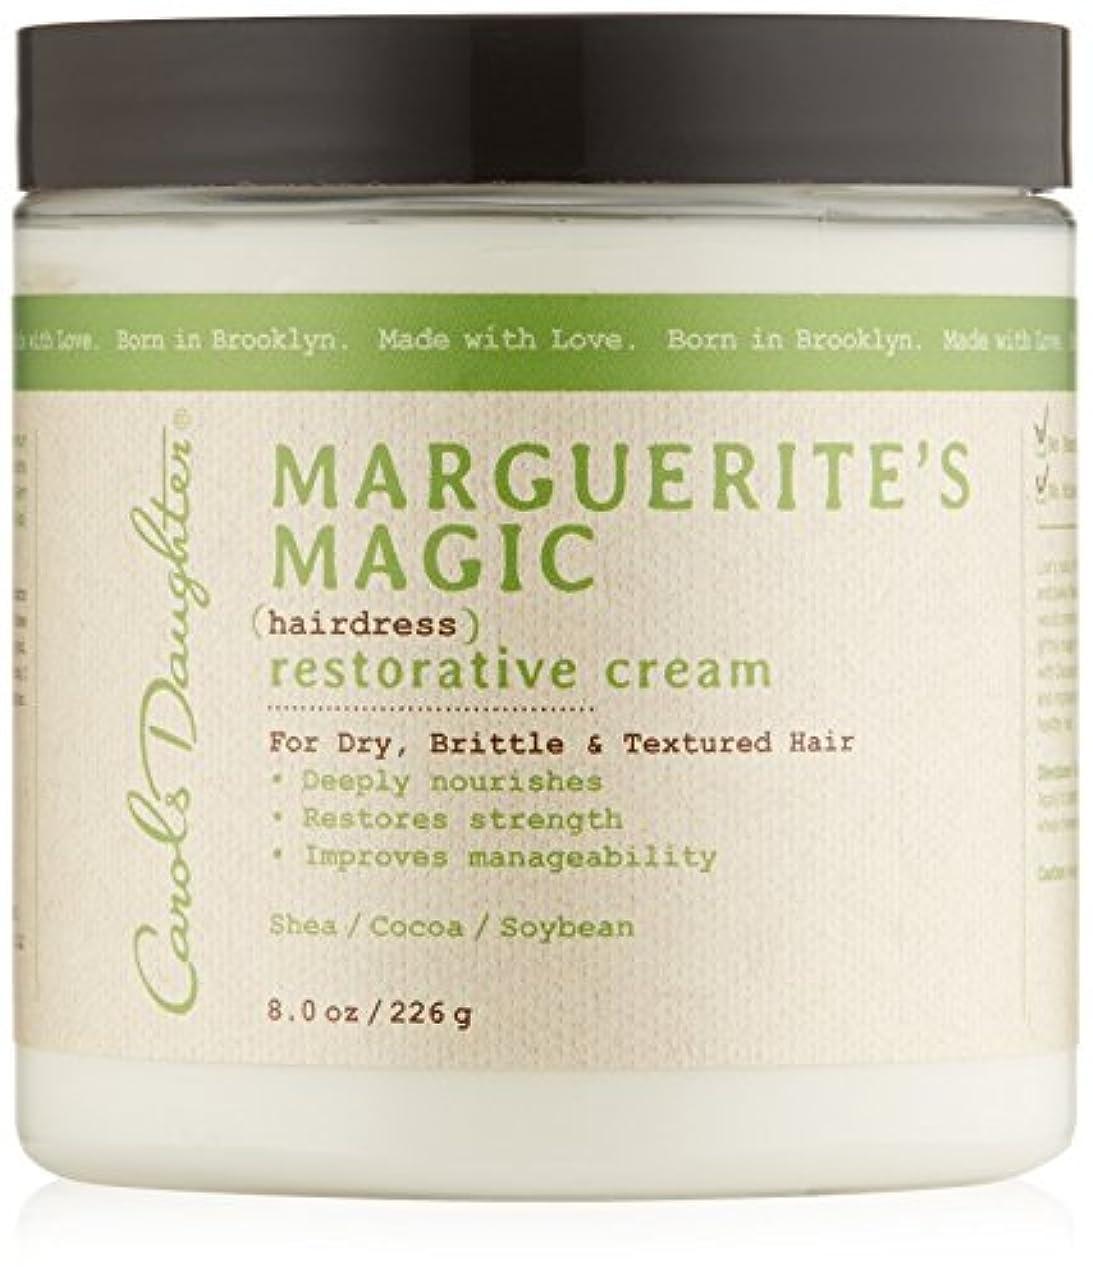 賢明な生産的ゆるいキャロルズドーター マルゲリーテス マジック ヘアドレス リストレーティブ クリーム (乾燥して切れやすい髪用) 226g/8oz